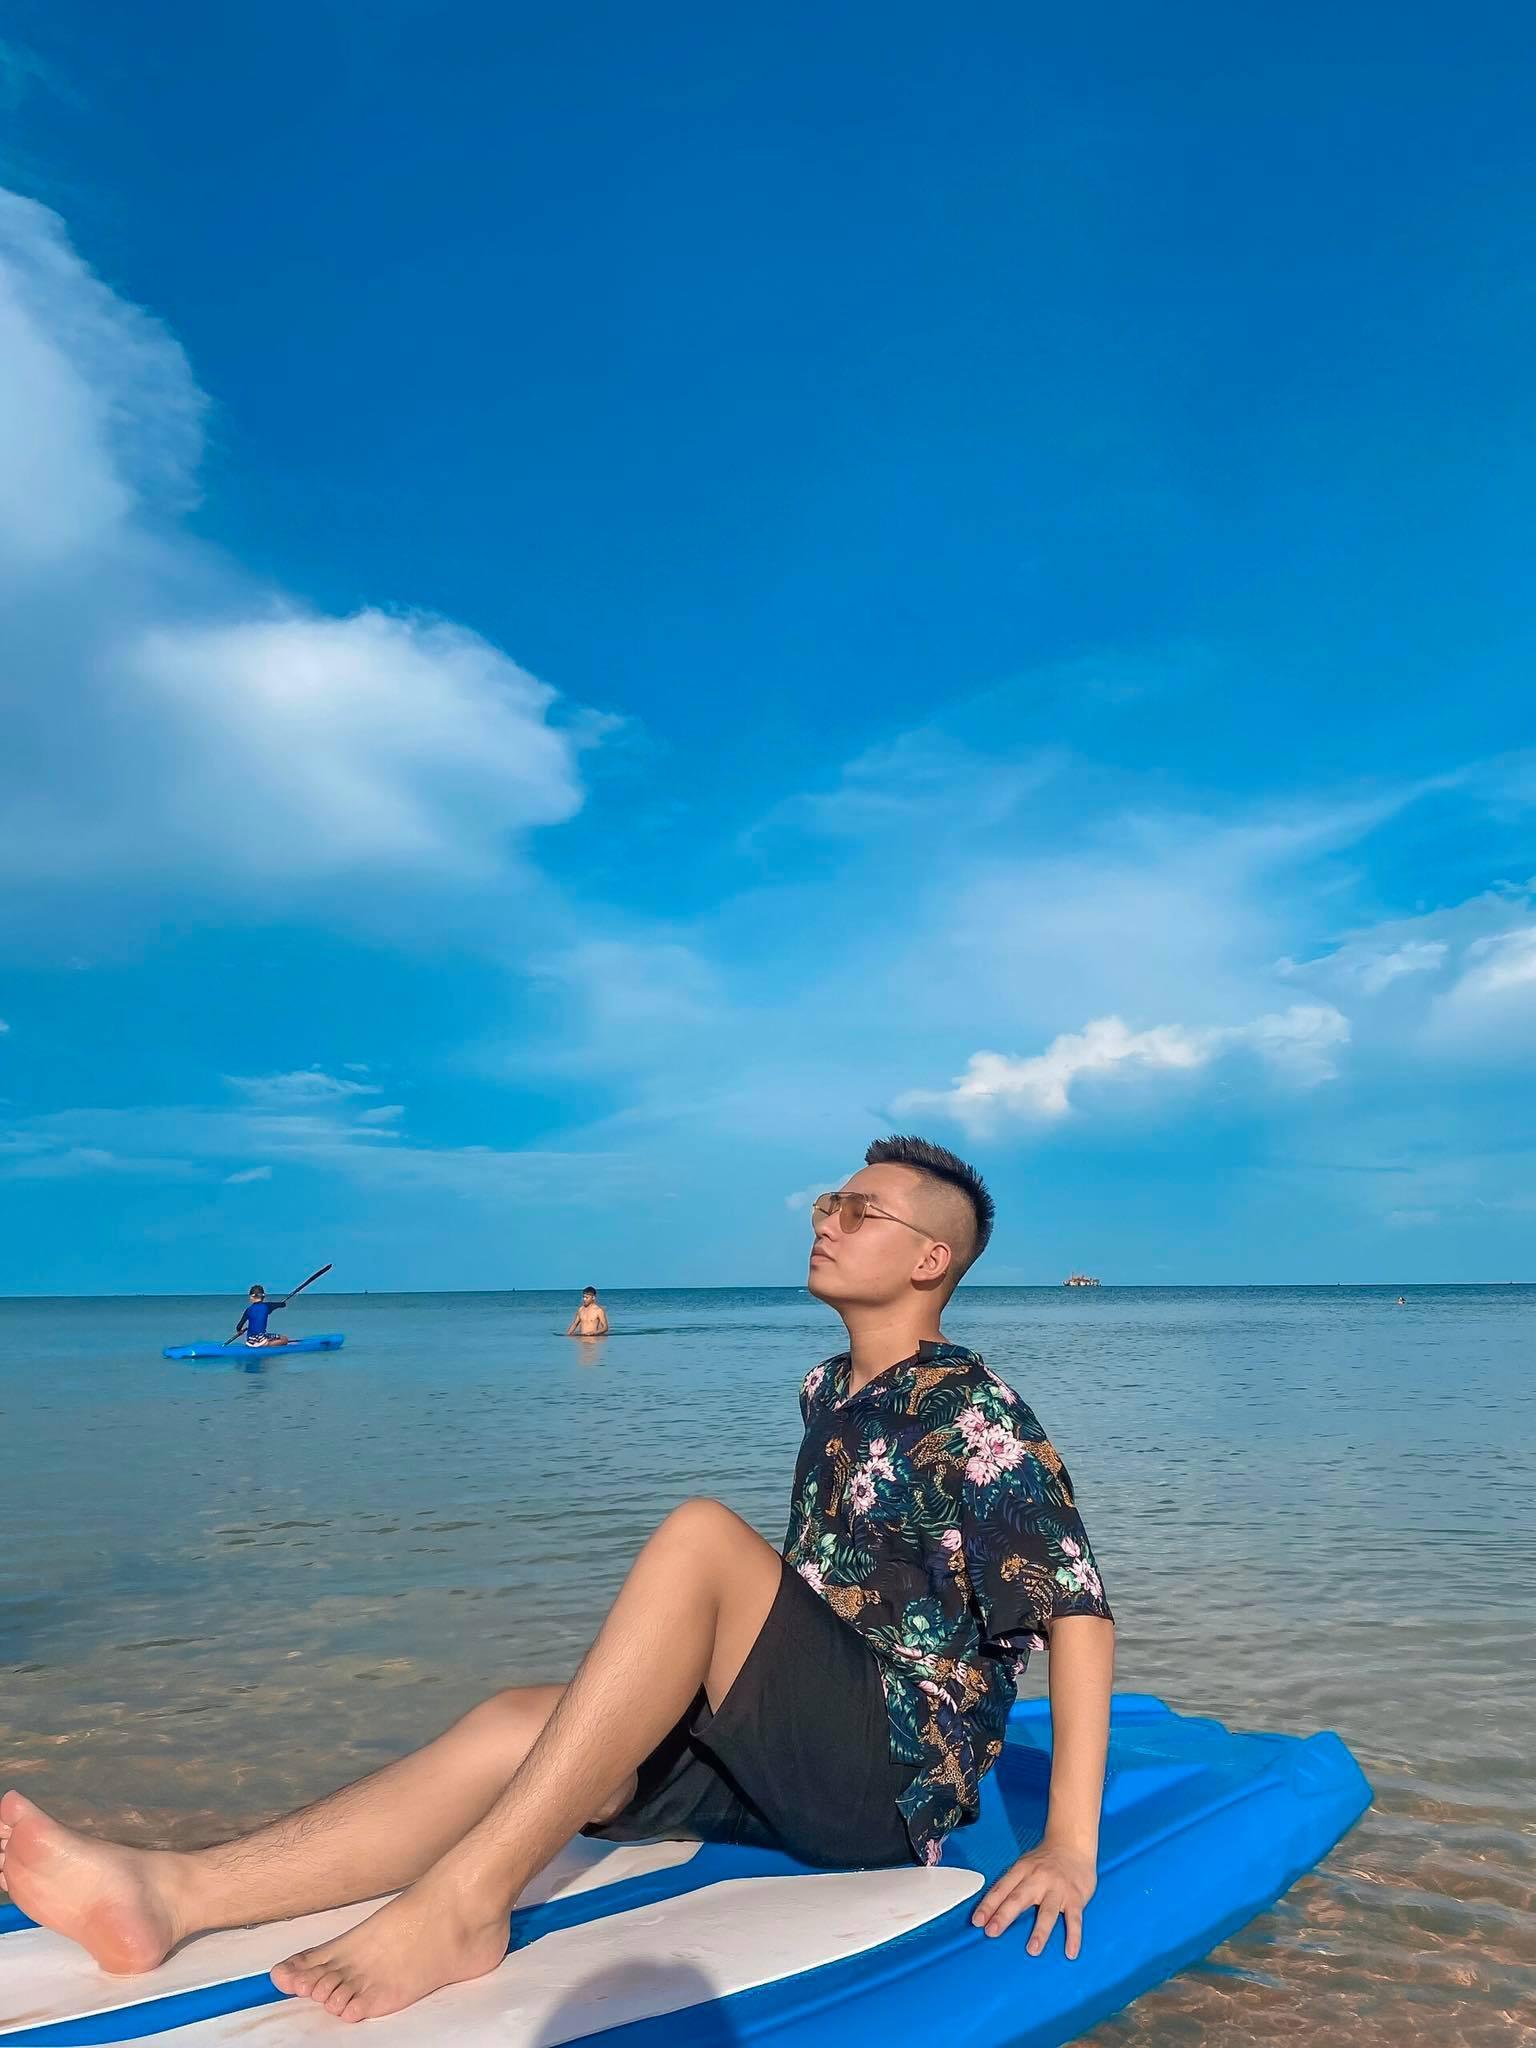 Bị 'bó chân' mùa dịch, anh chàng Blogger du lịch điển trai càng chuyên tâm học hỏi đợi ngày bùng nổ